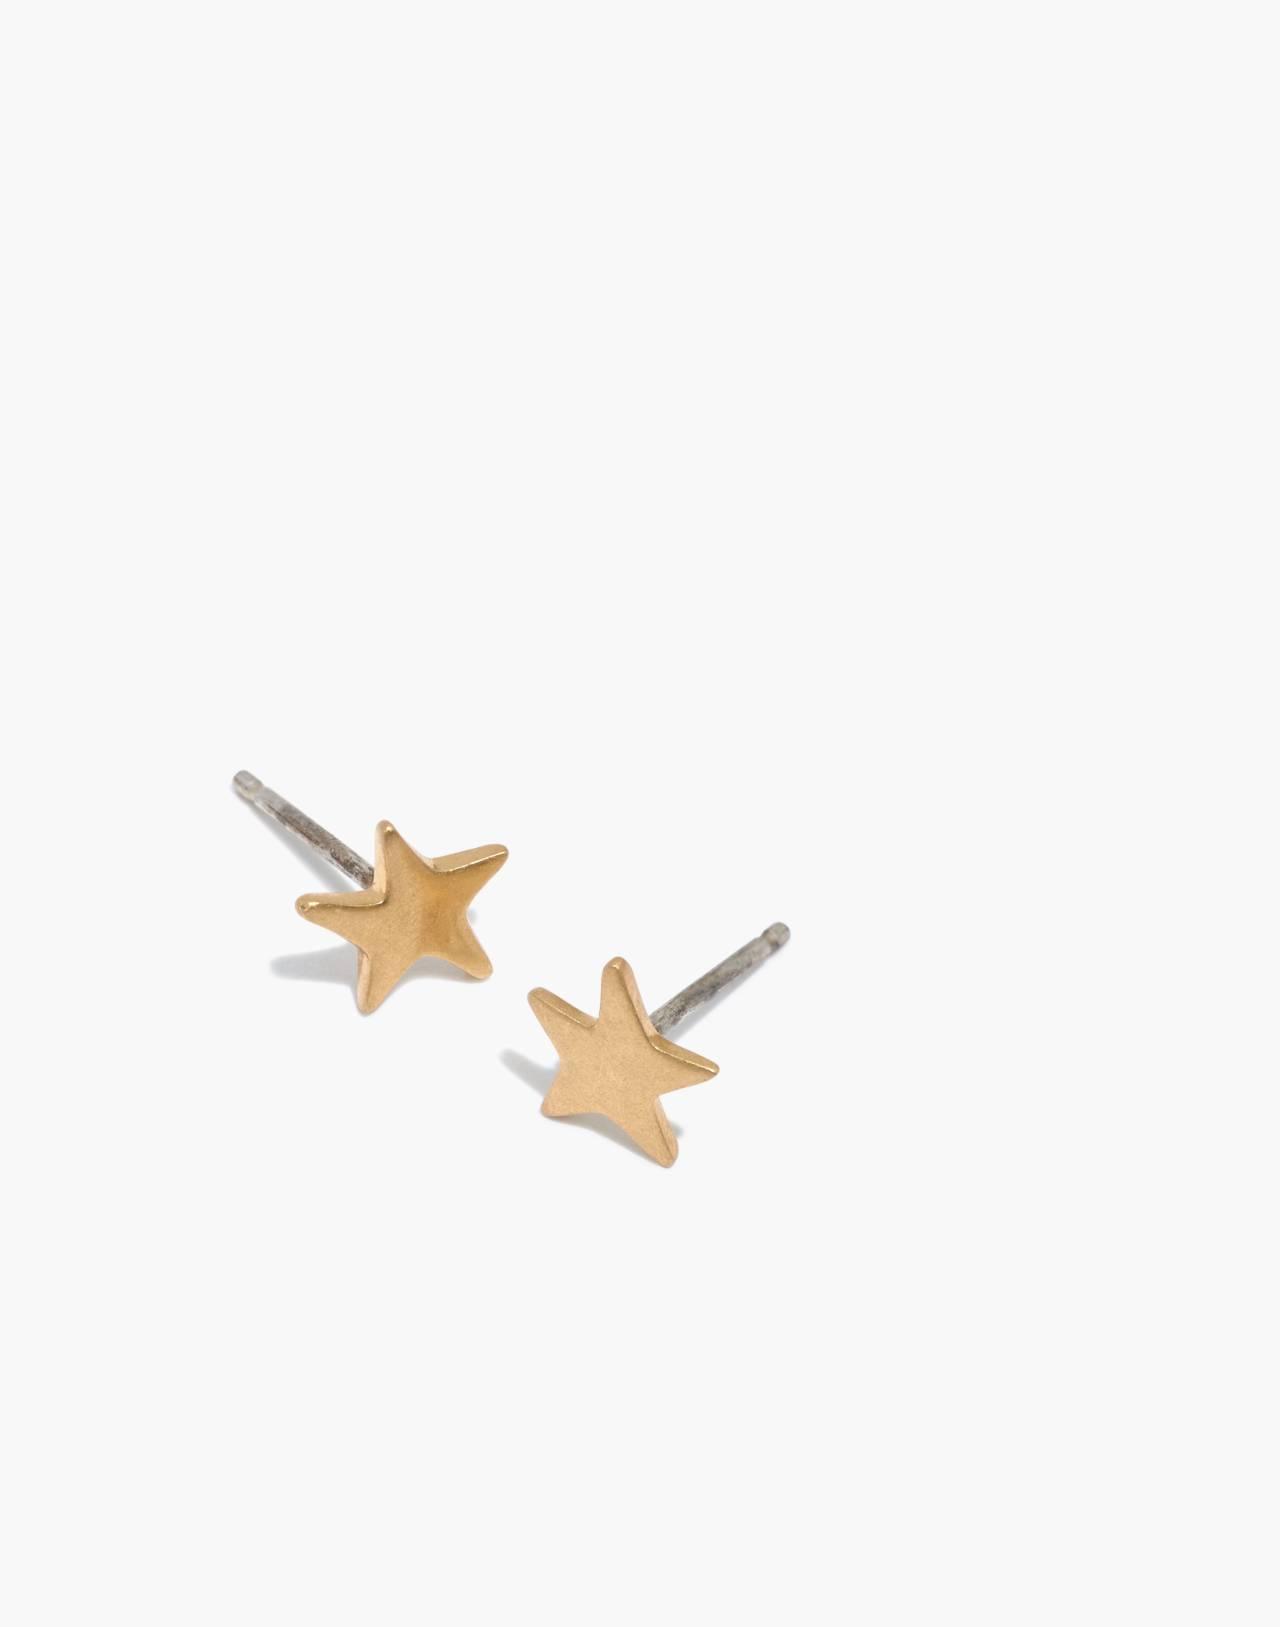 Mini Star Stud Earrings in vintage gold image 1